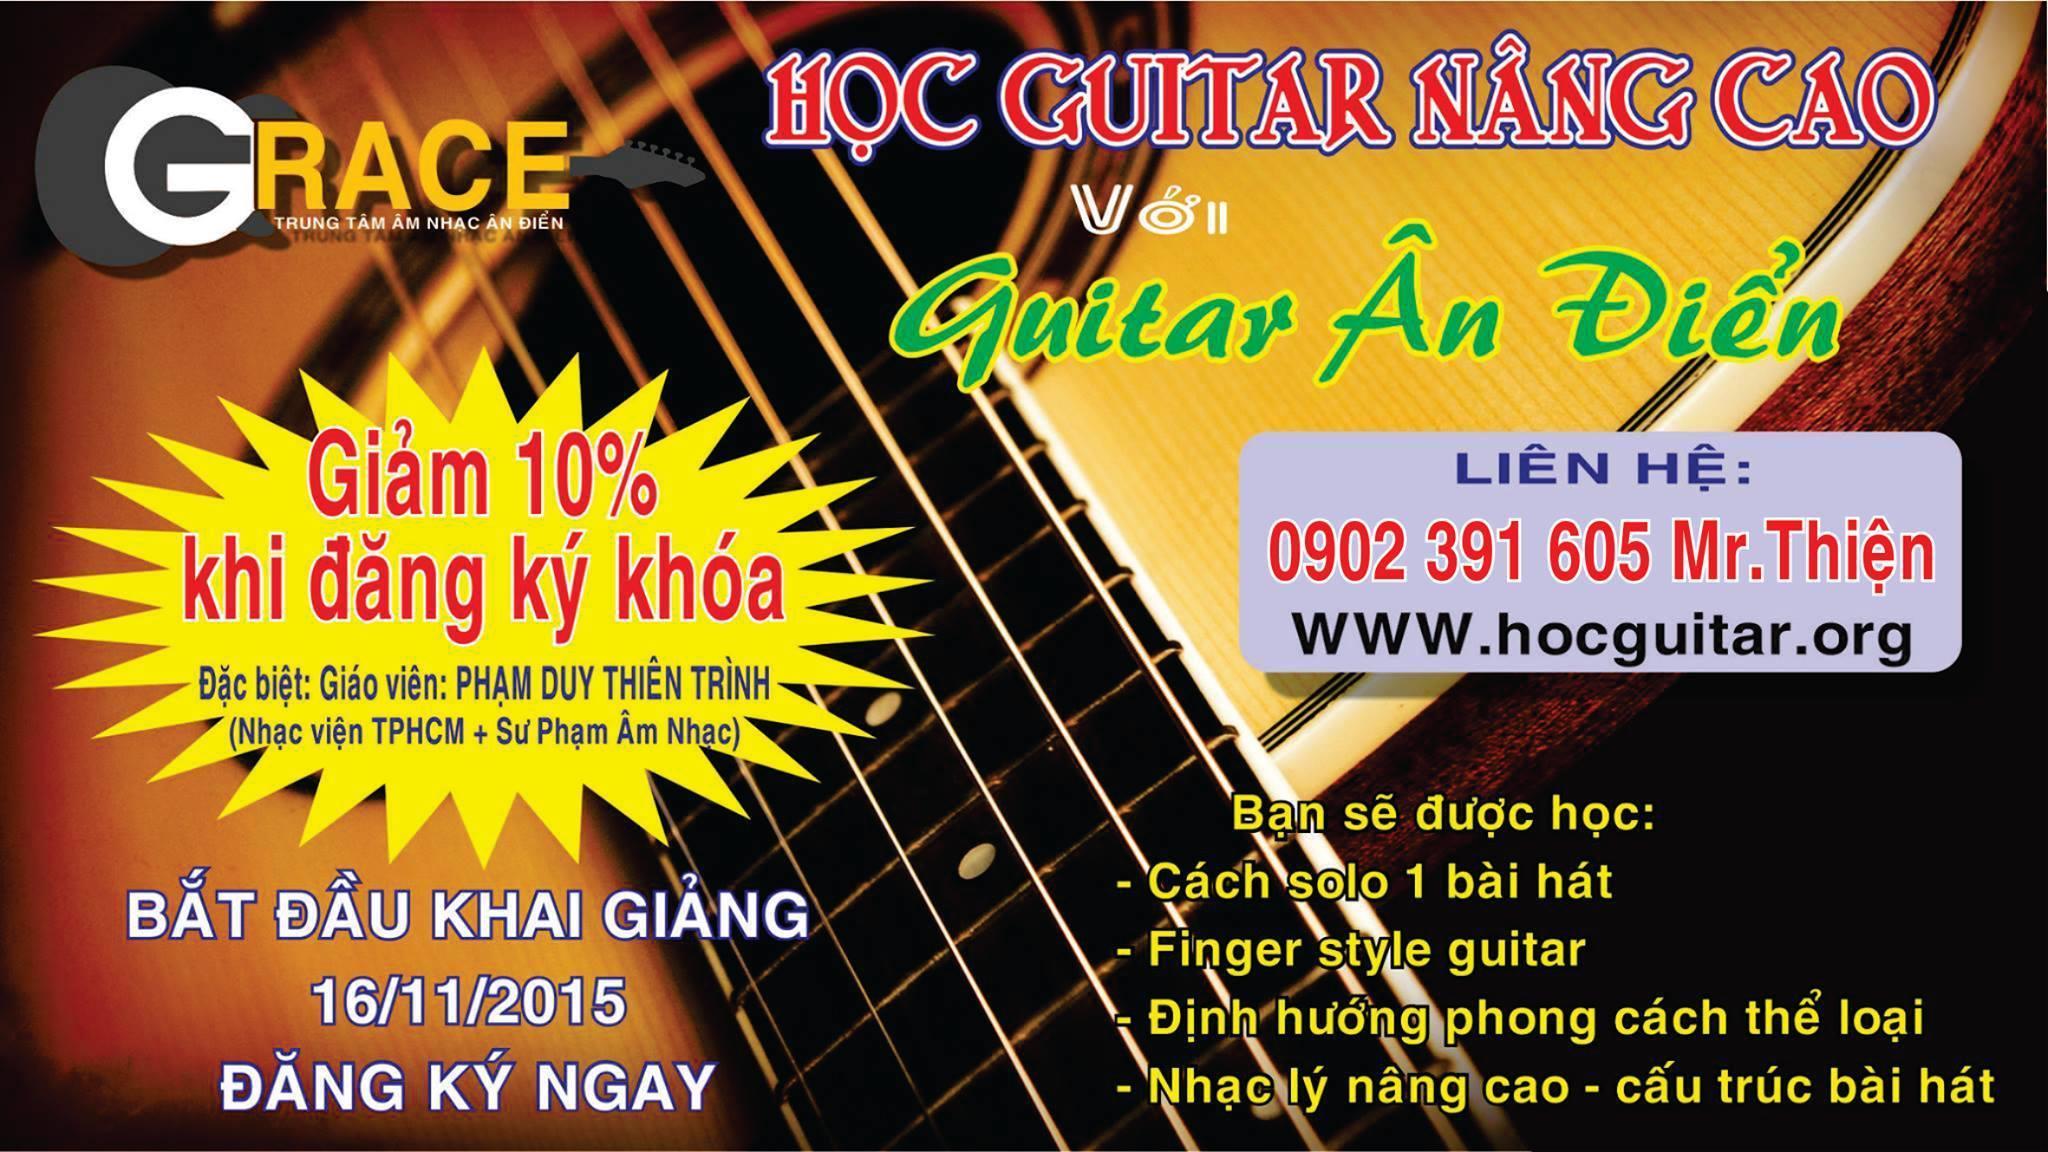 Khóa học đàn guitar giá rẻ ở tphcm 3.jpg